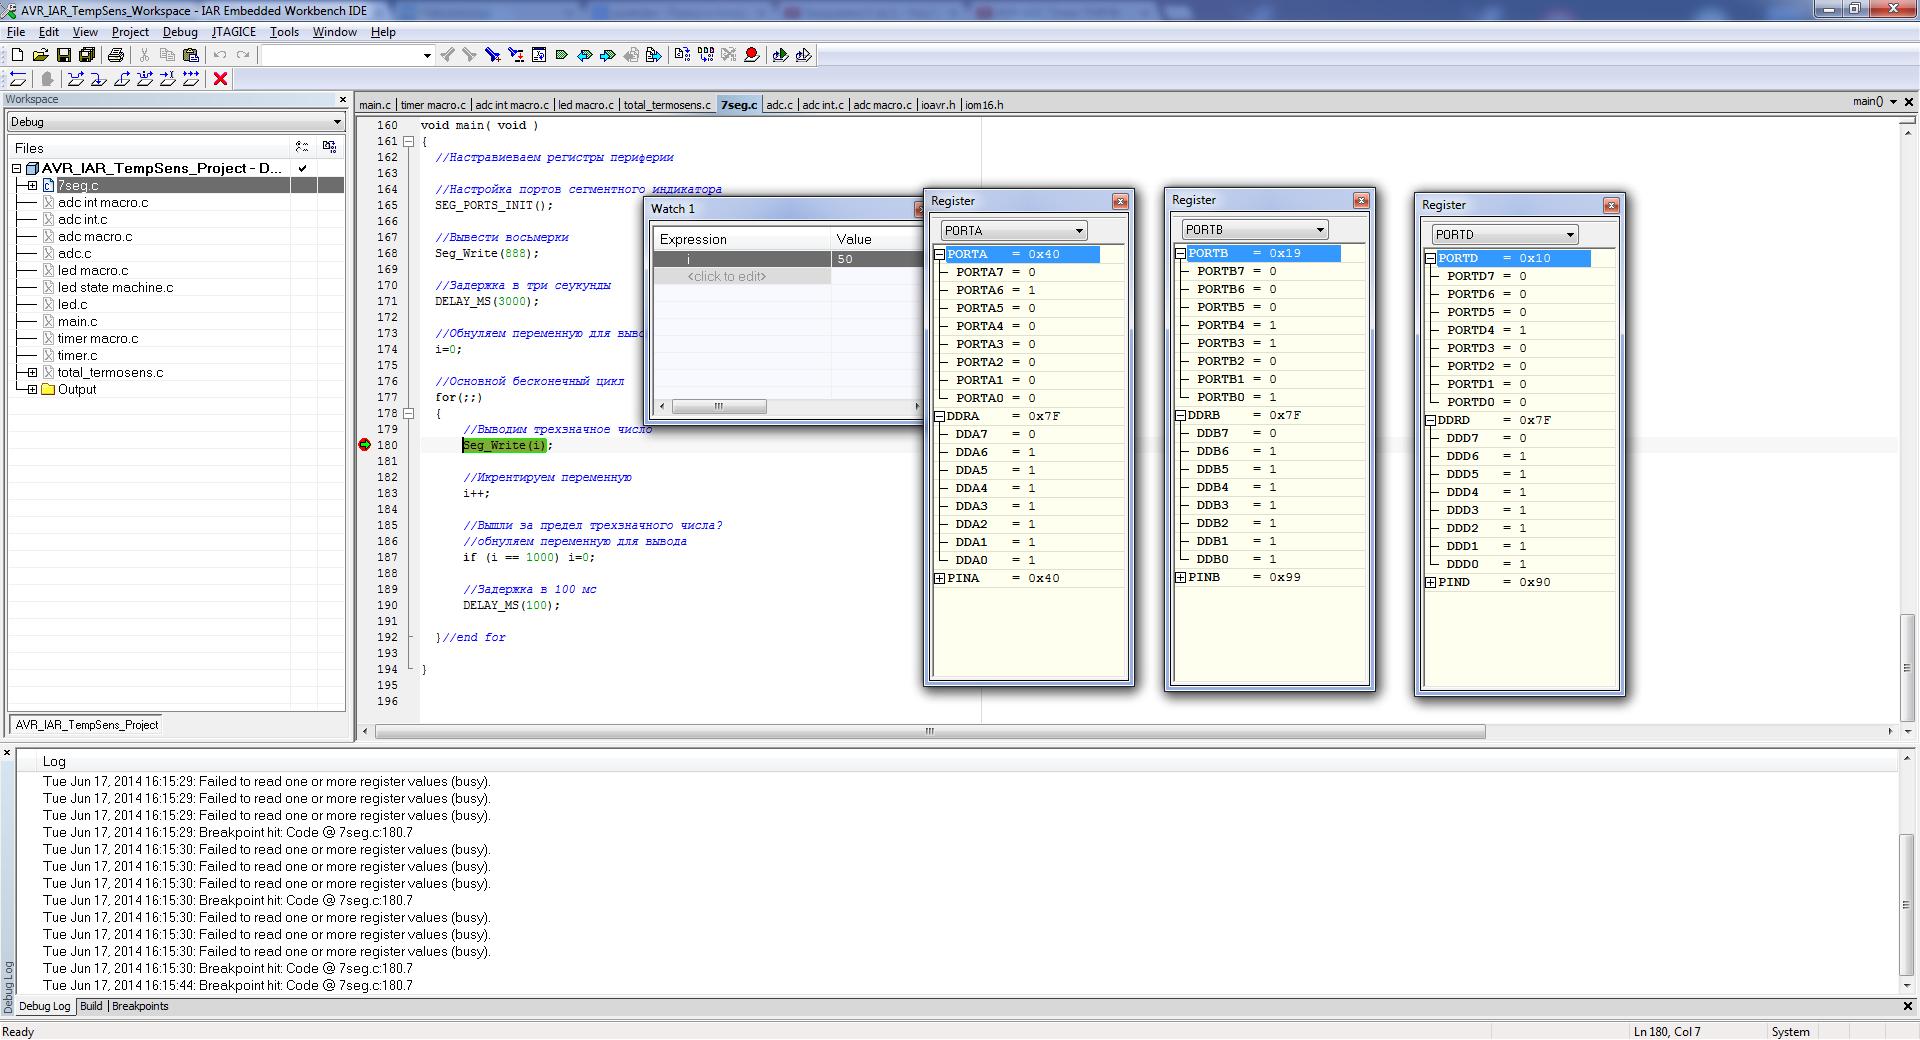 Программирование и JTAG отладка микроконтроллера Atmega16 на языке C в среде IAR, часть 2